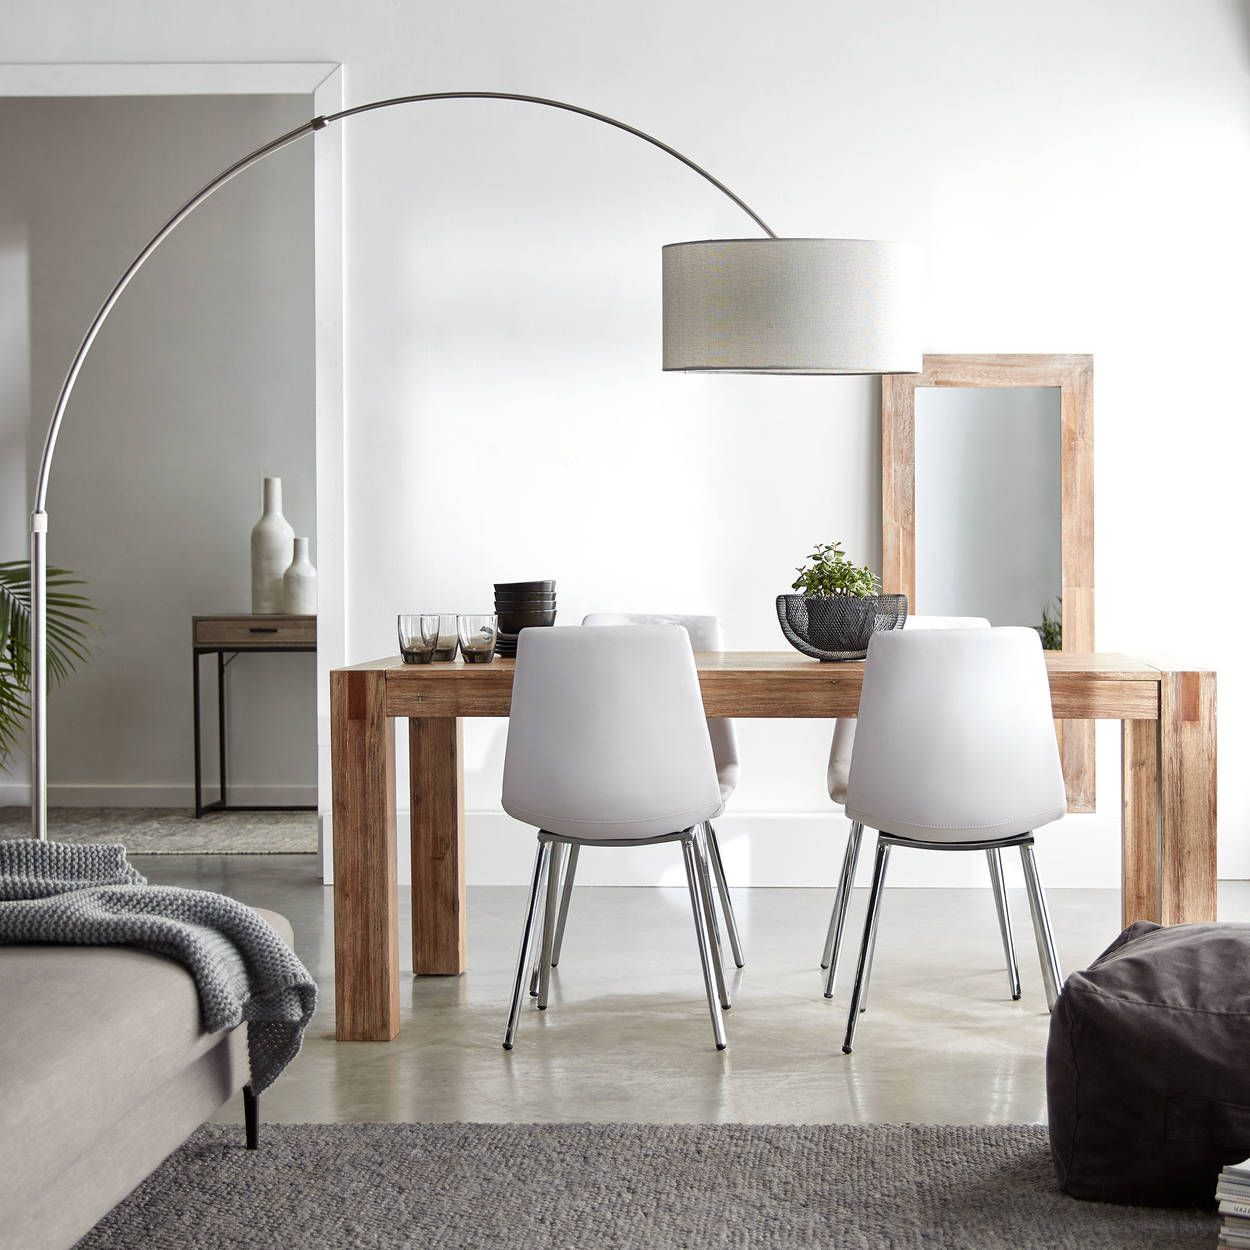 Mettre en place un petit salon avec coin repasPas assez despace pour les meubles dans le sa Mettre en place un petit salon avec coin repas